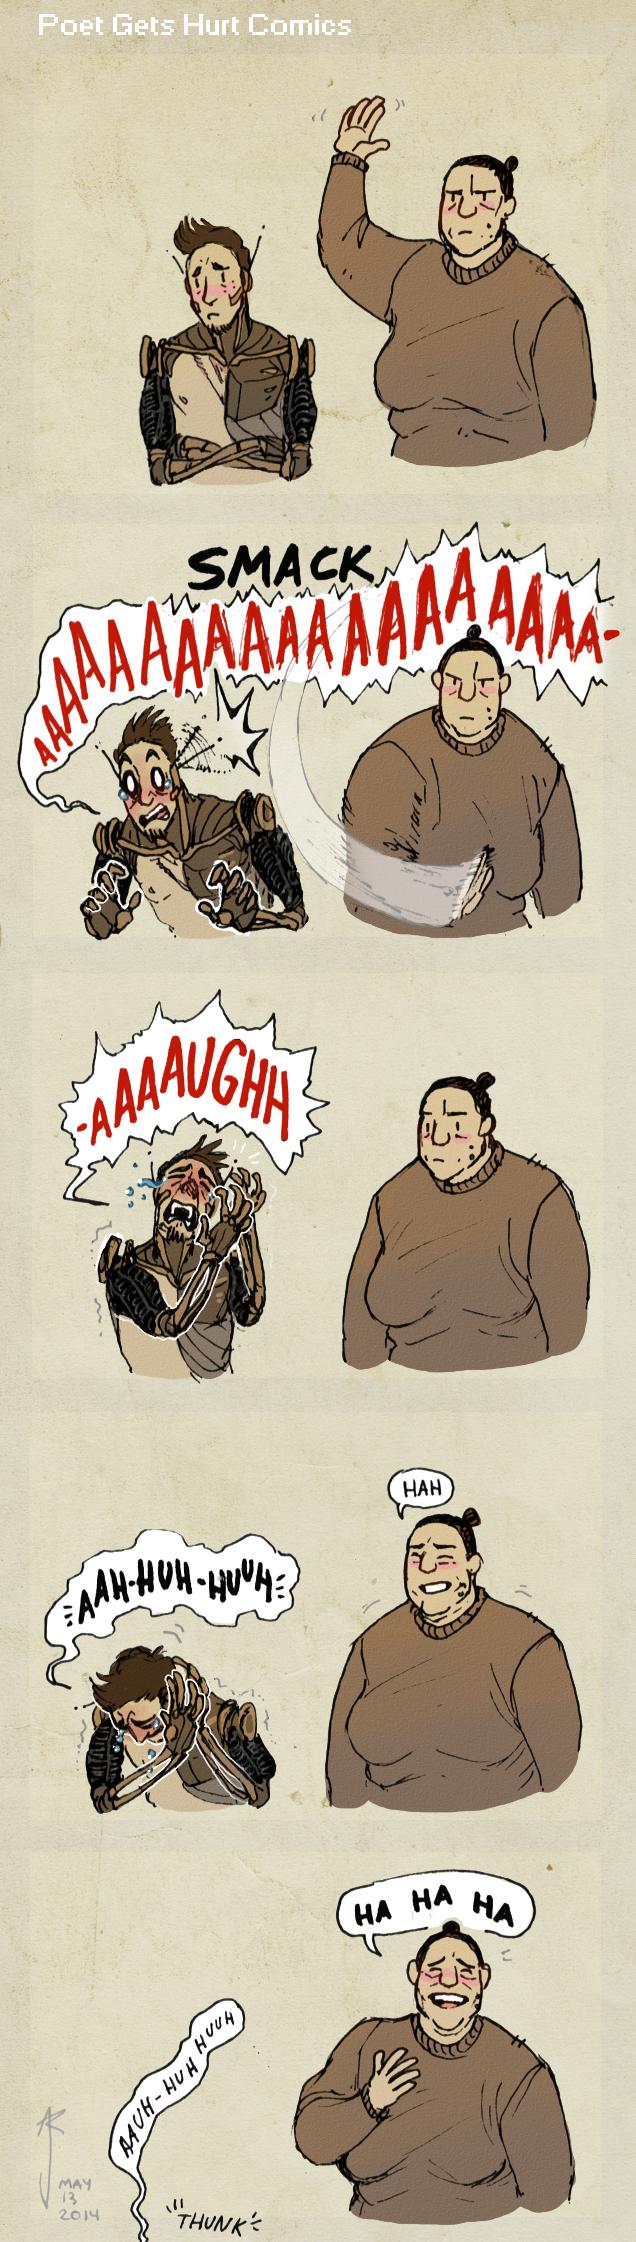 Poet Gets Hurt Comics